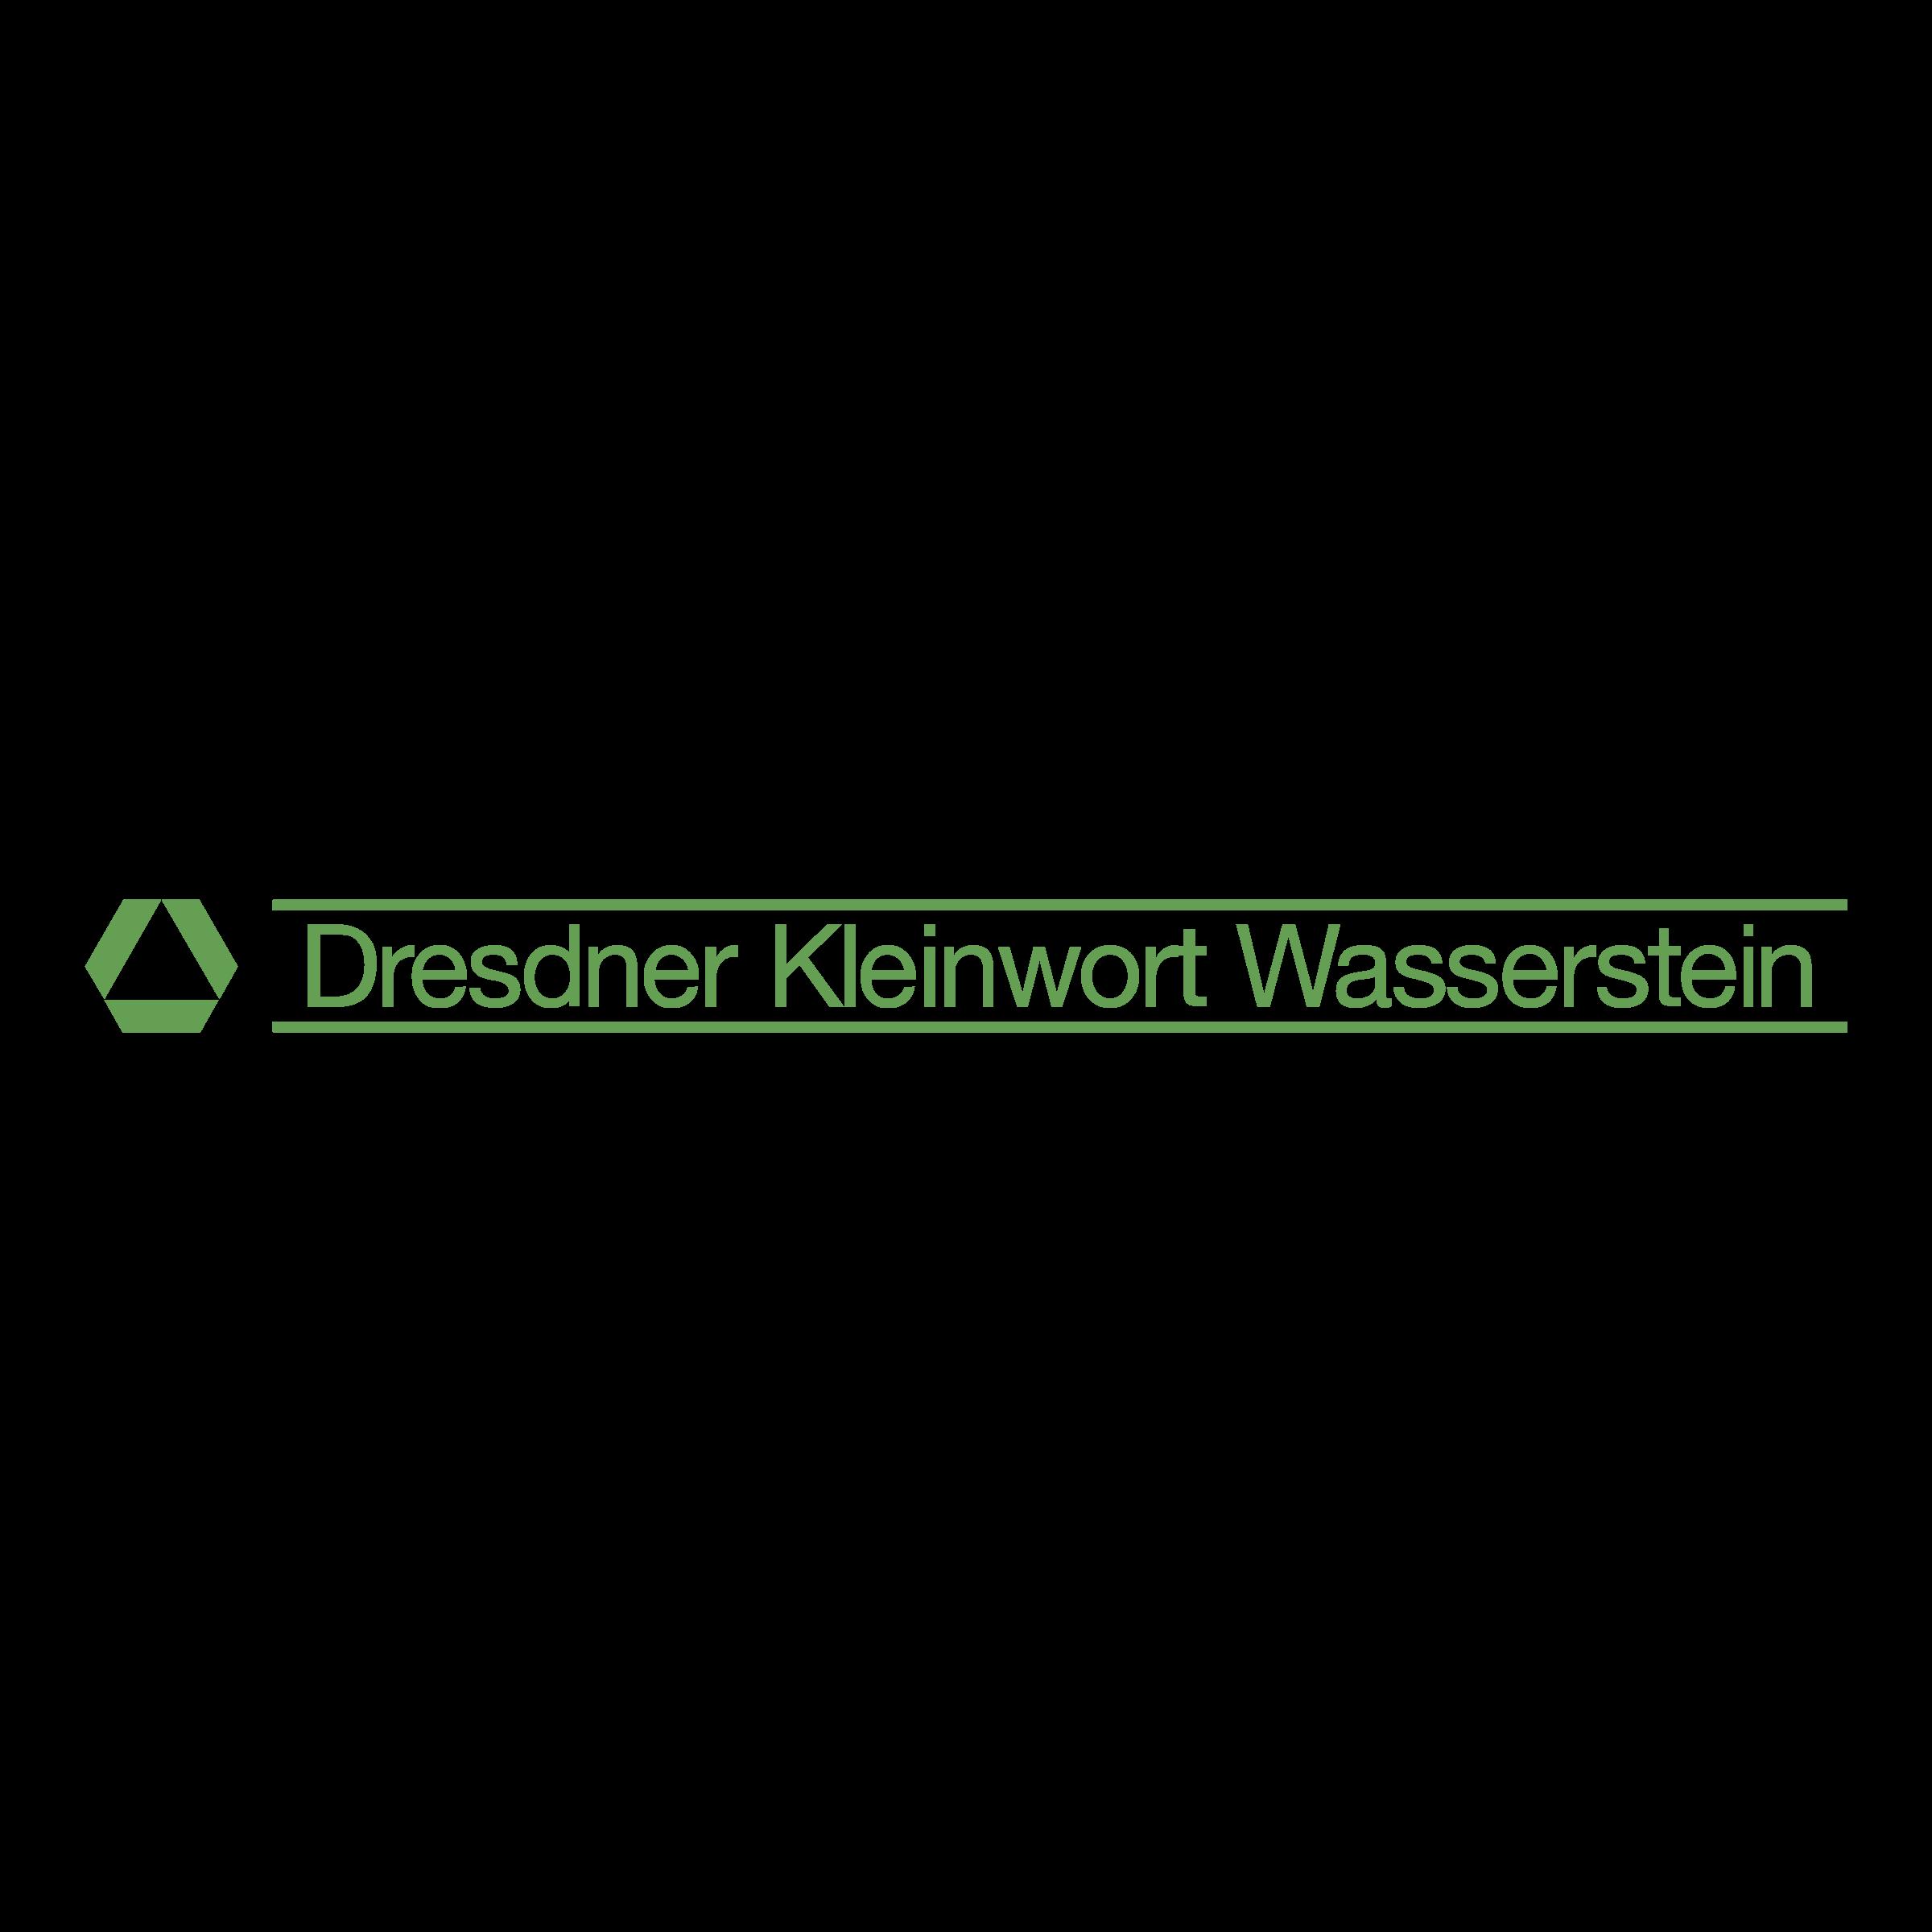 Dresdner Kleinwort Wasserstein logo